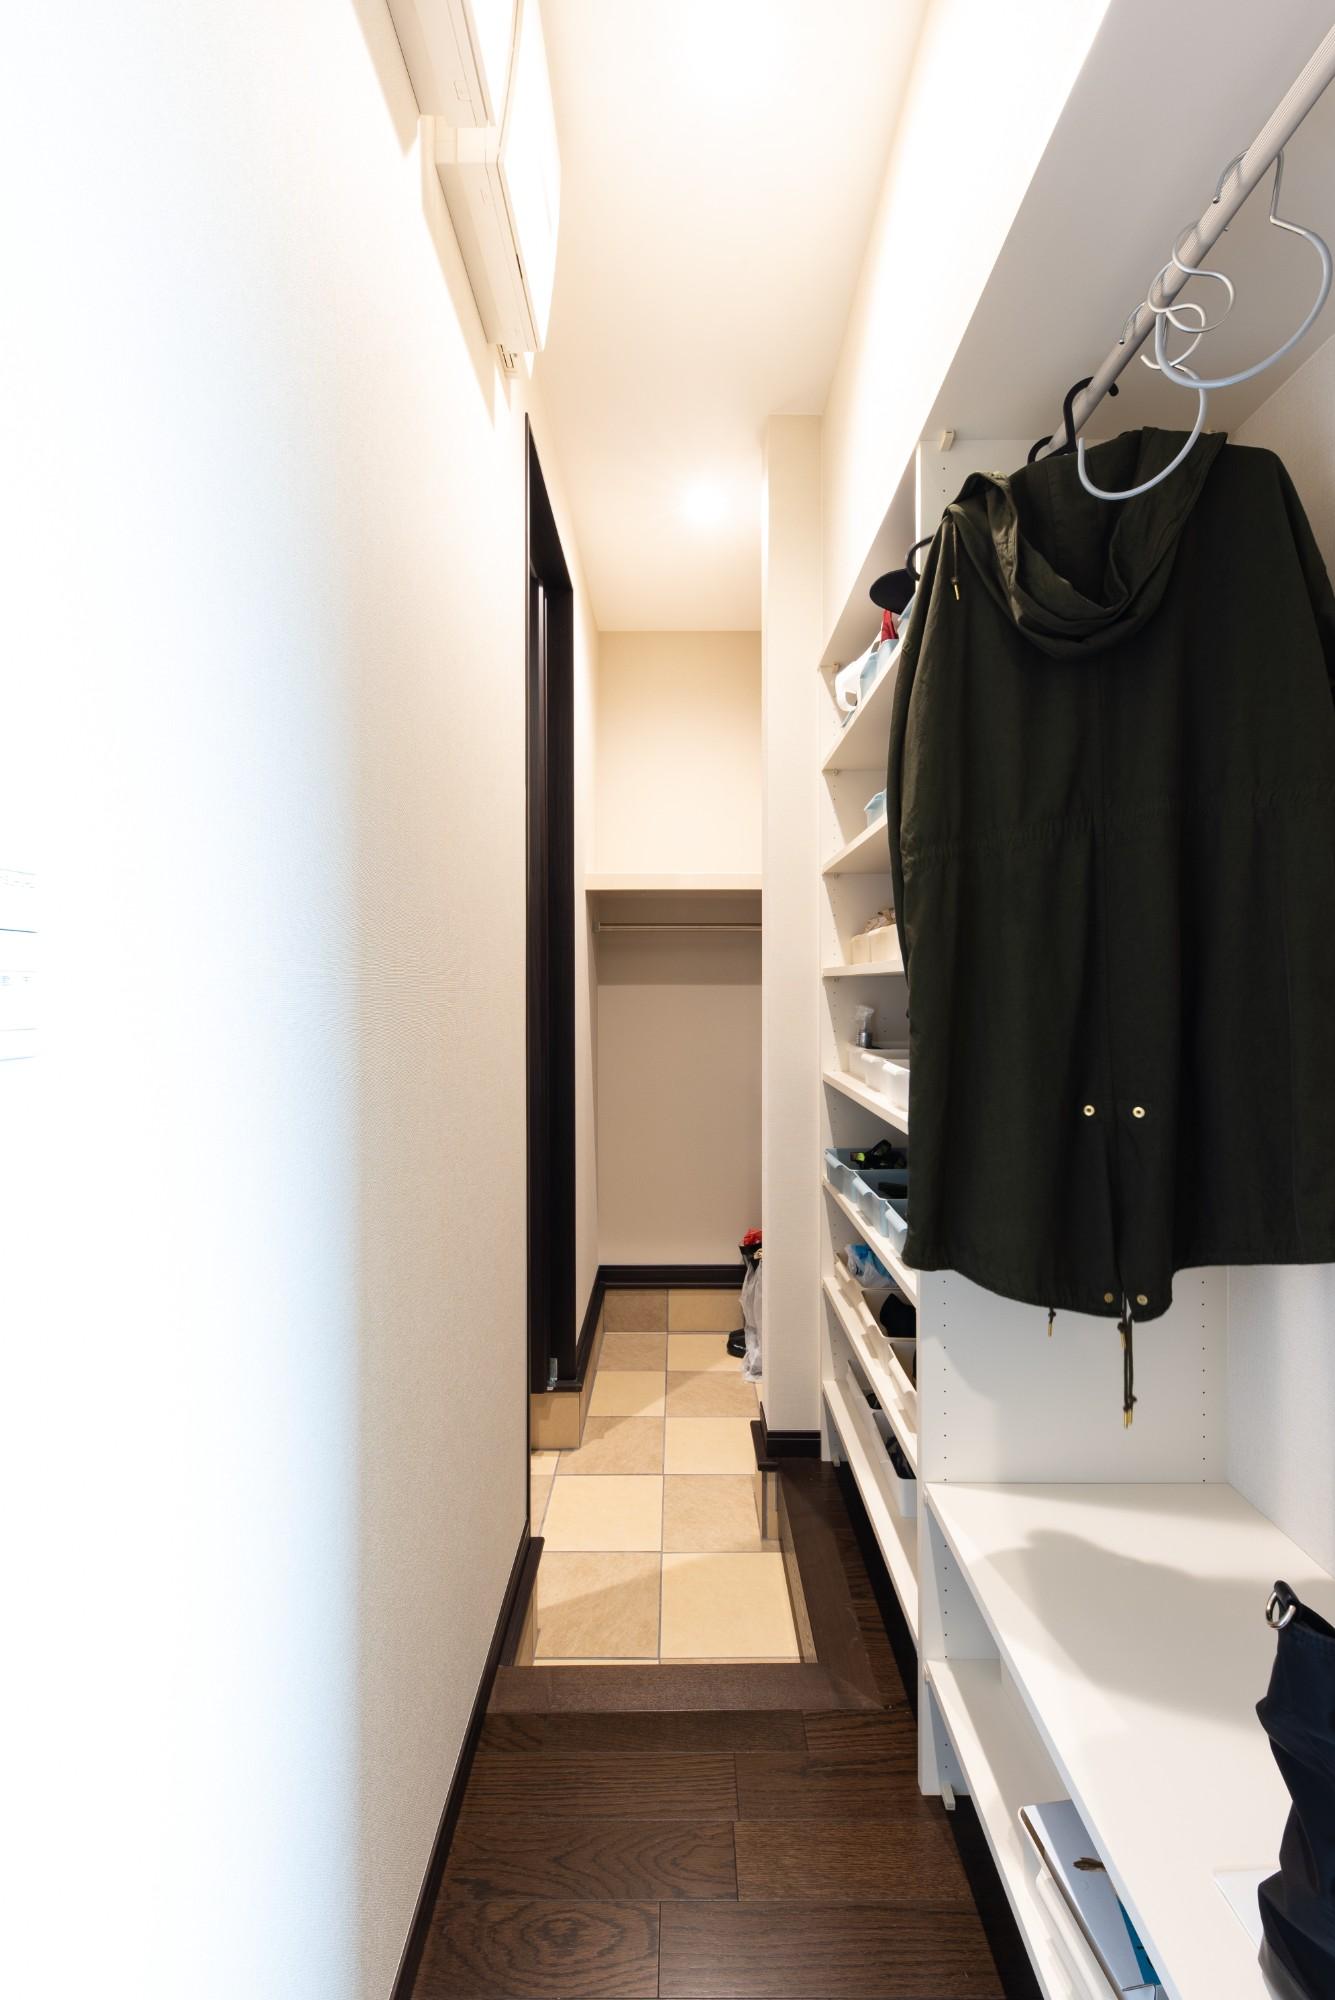 広々としたSICはコートをかけることも出来るので、濡れたアウターや除雪道具、お子様のお外で遊ぶ荷物も置いておくことができます。